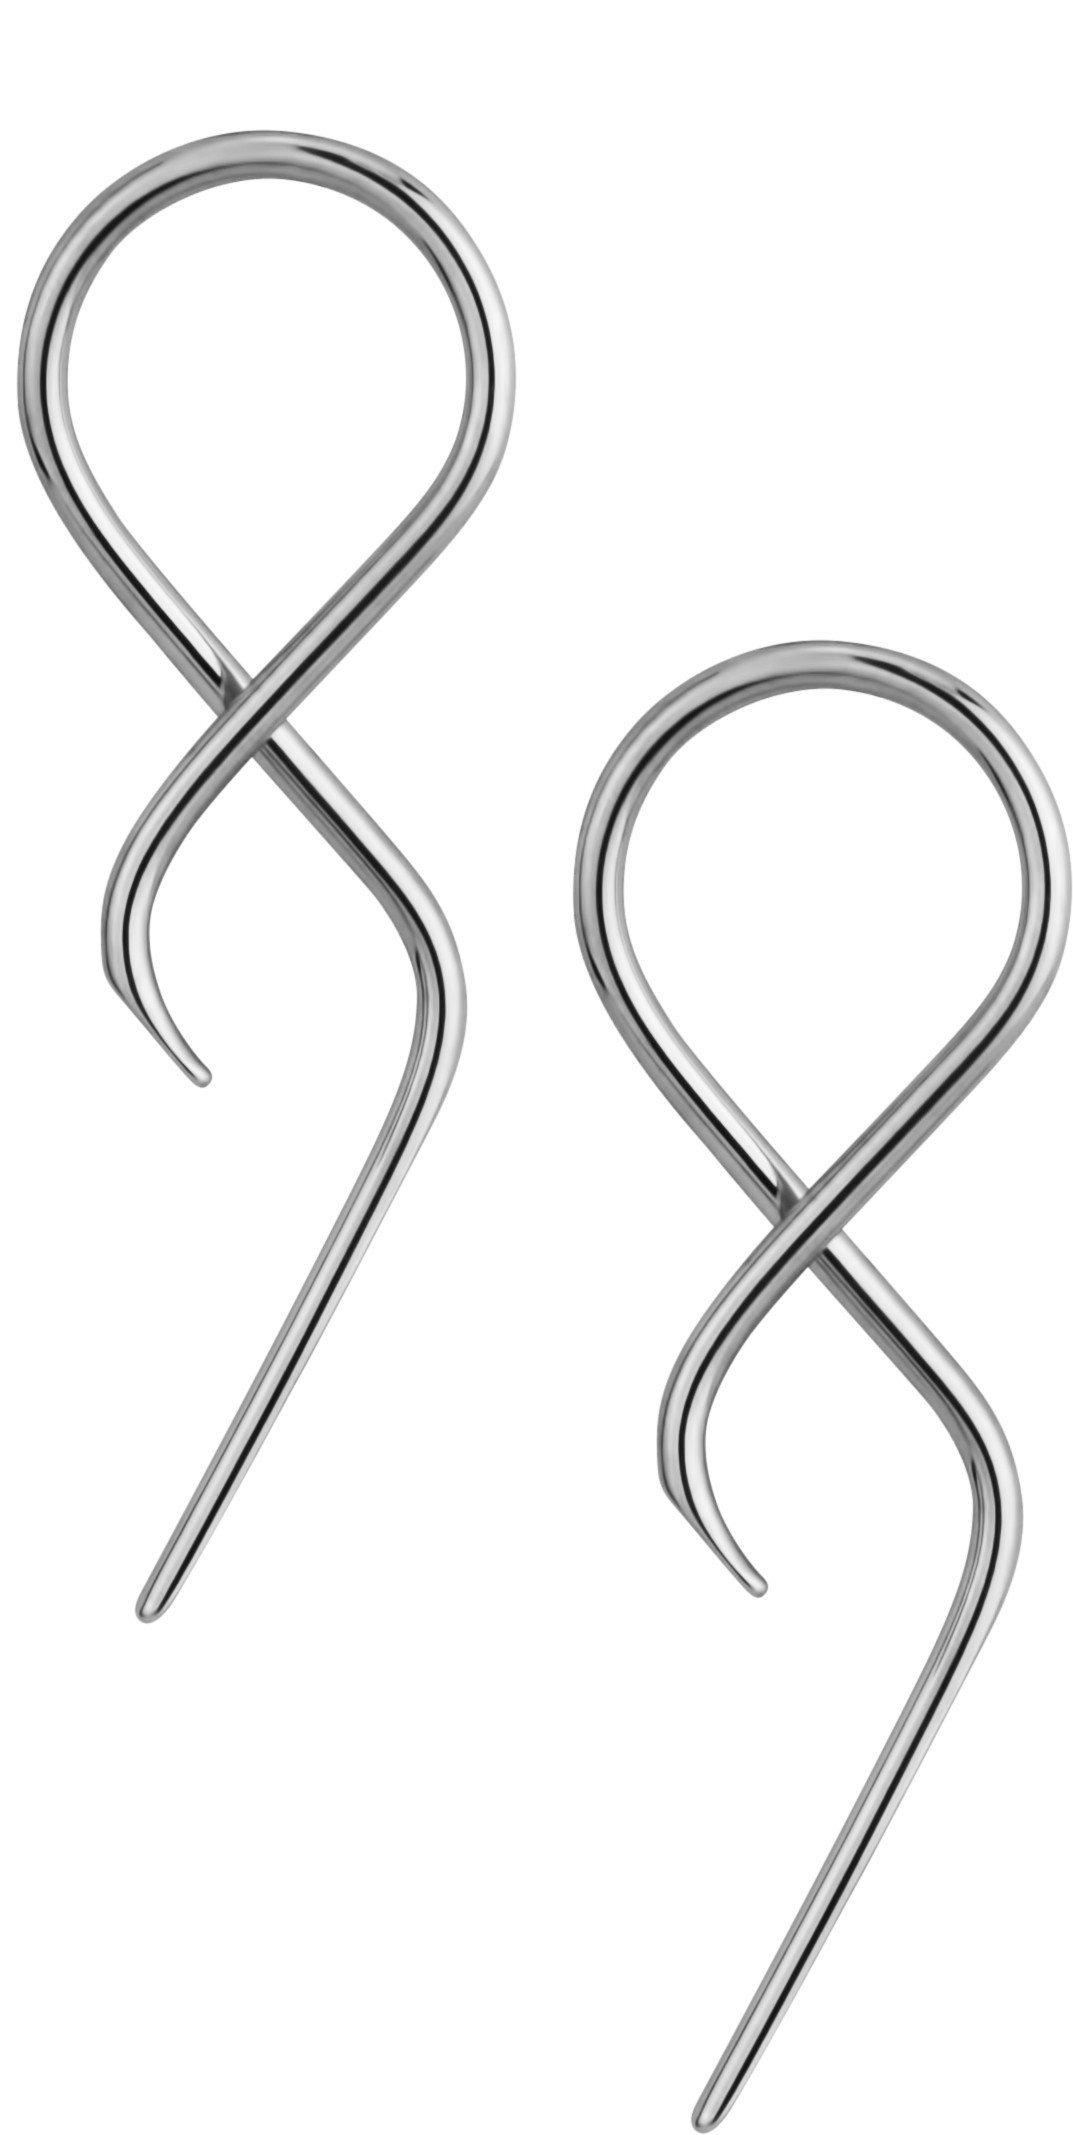 Pair of 14g Surgical Steel 1.75'' Twisting Curved Hanging Loop Taper Earrings